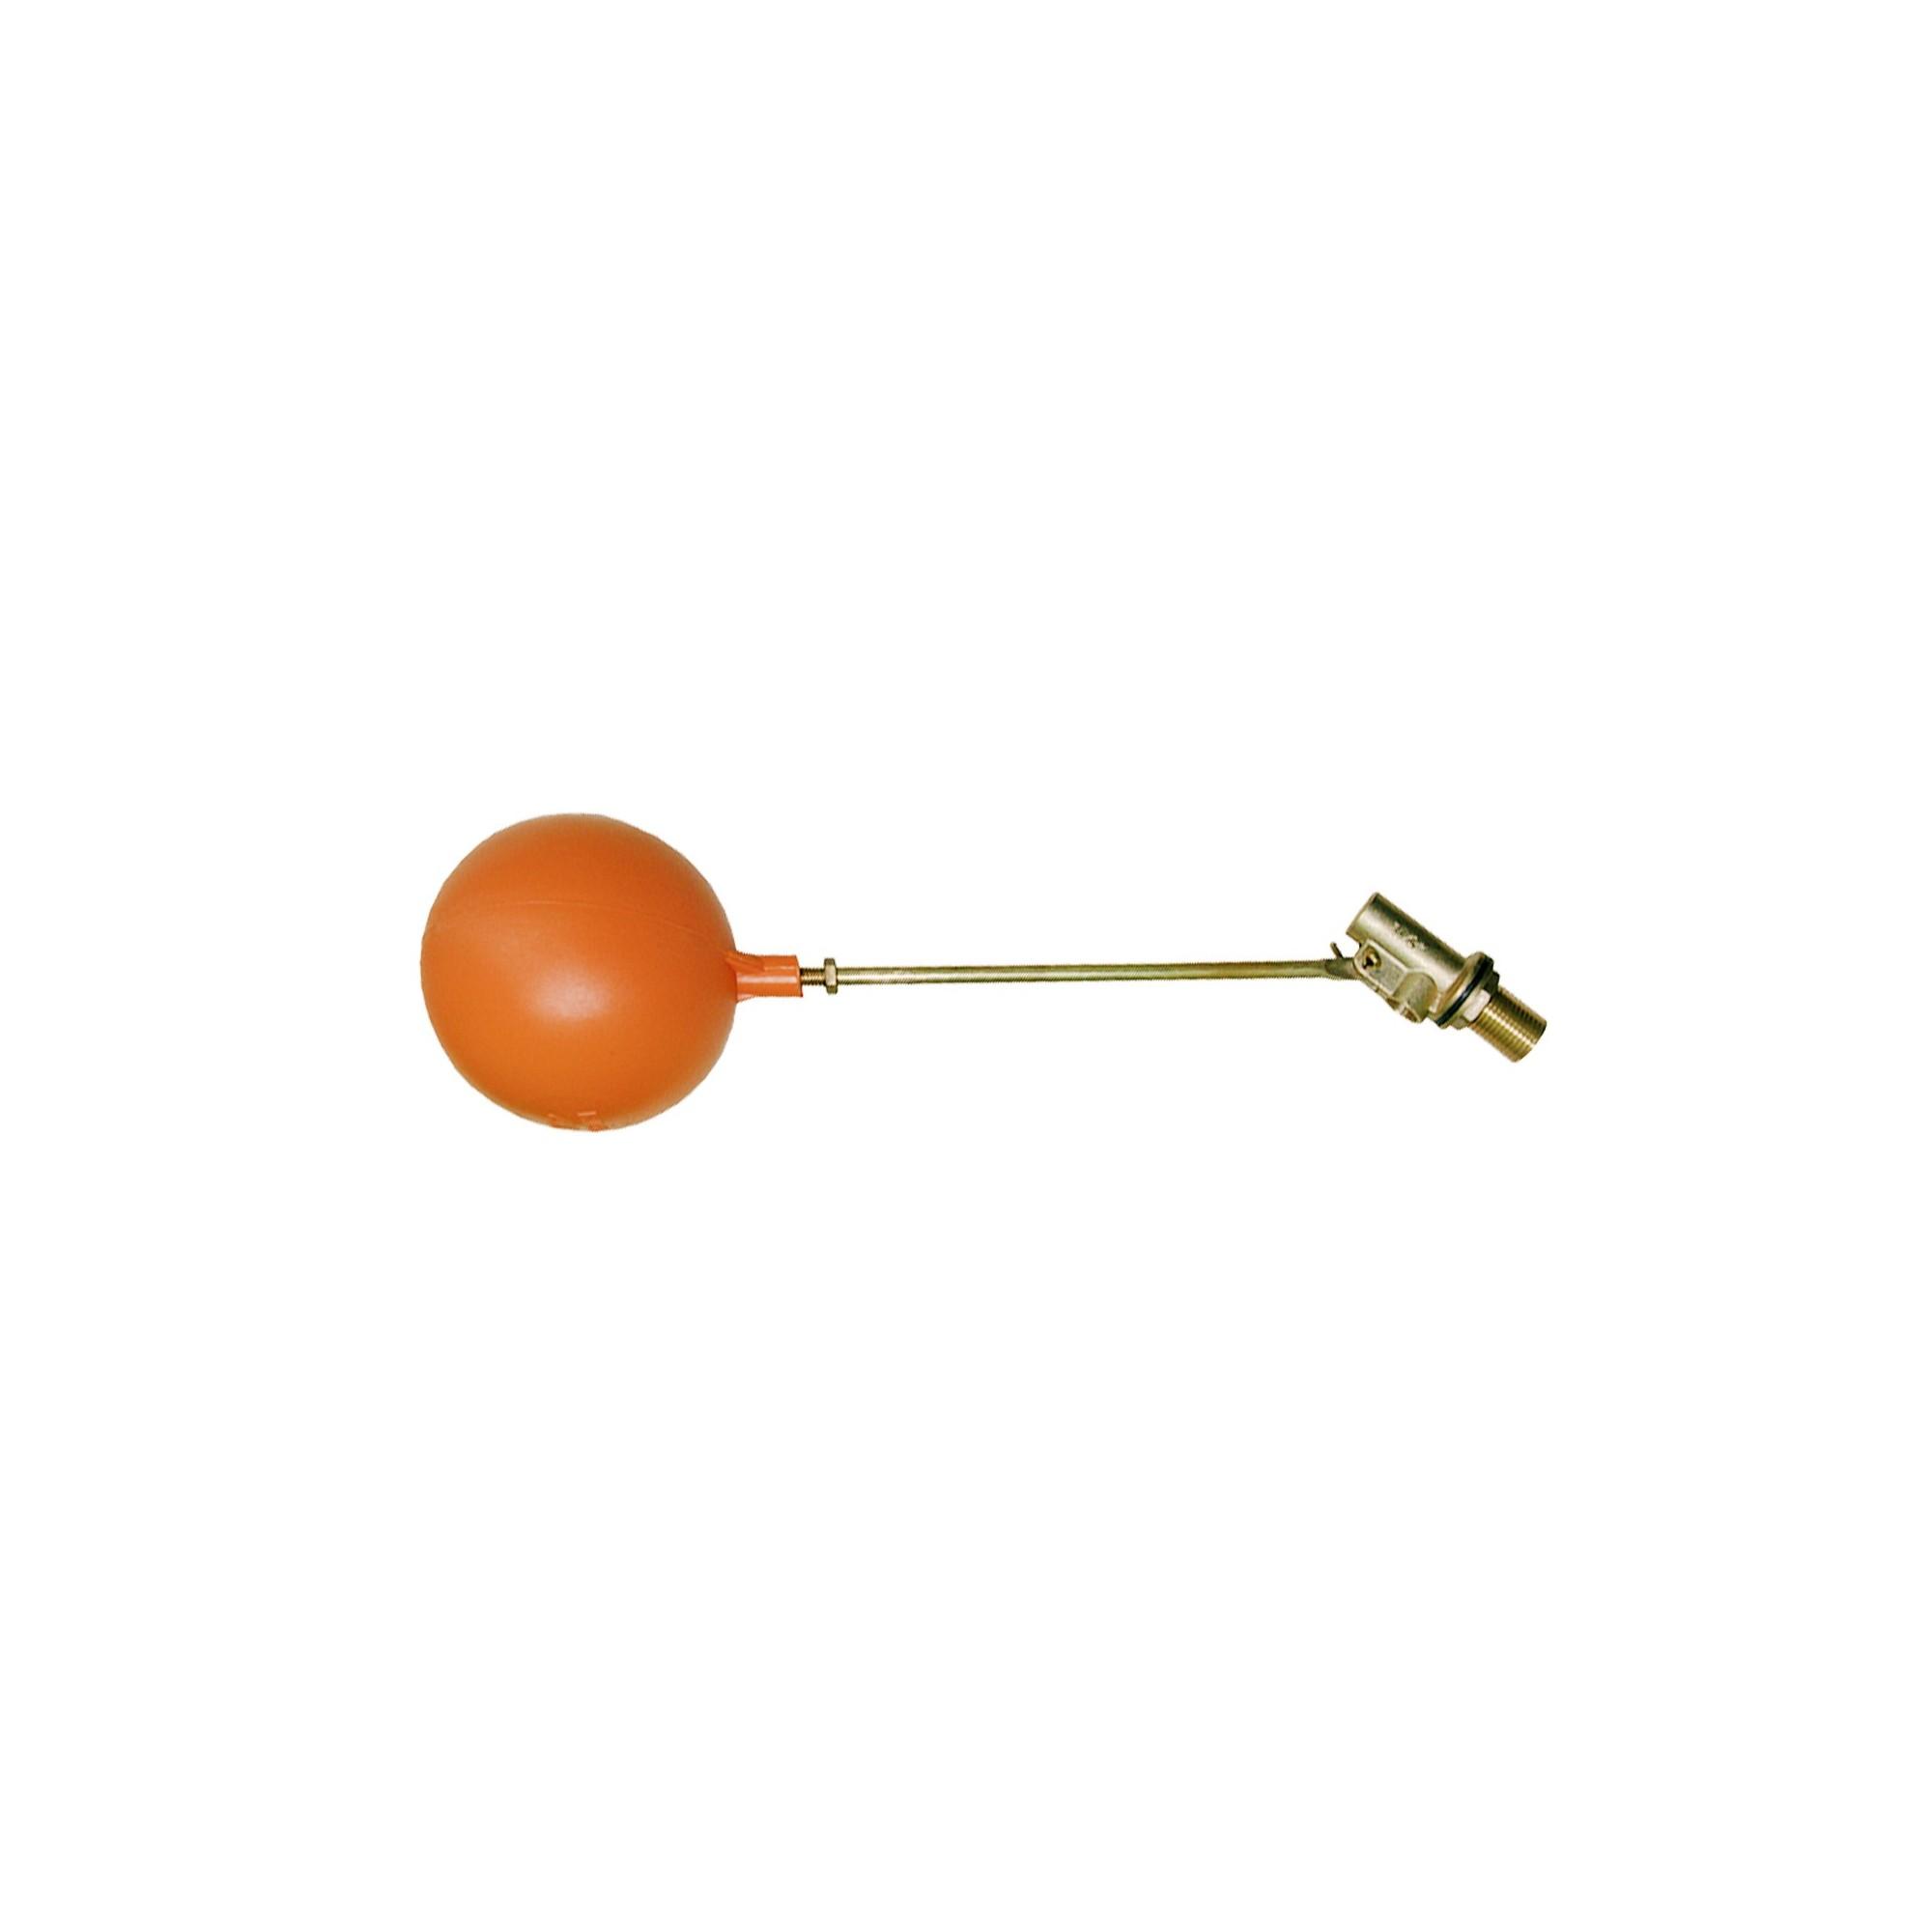 """Клапан впускной для емкости 1"""" боковое подключение латунь J.G. J.G. - 1"""